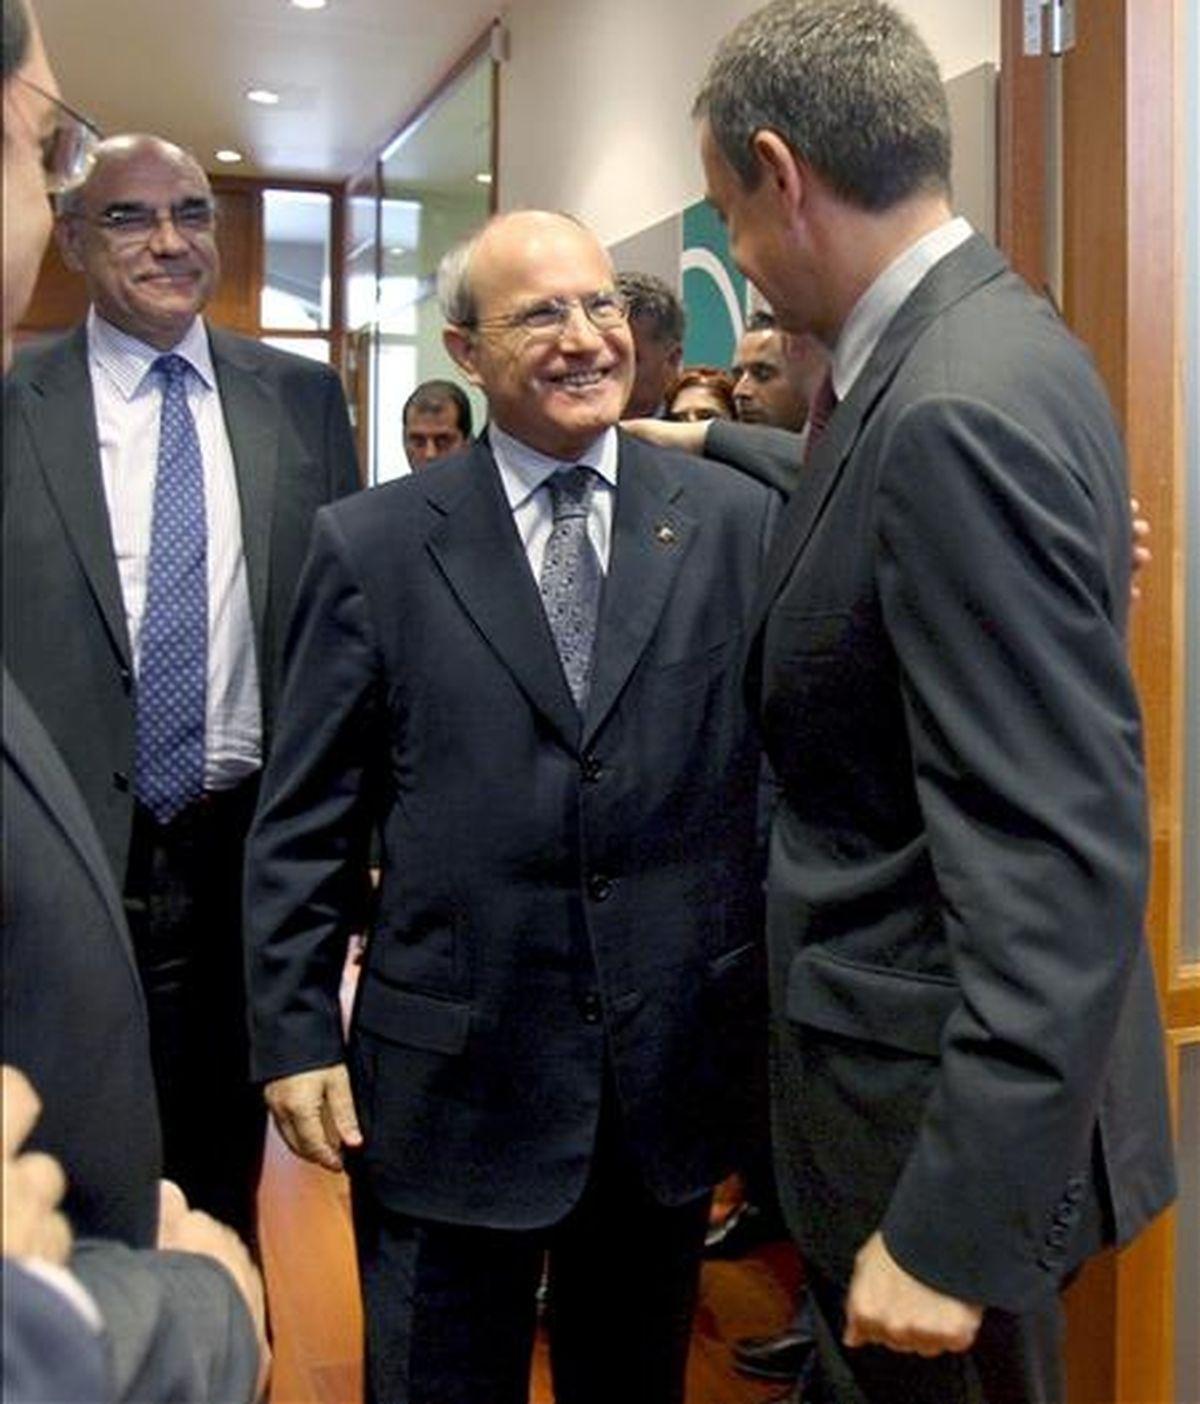 El presidente del Gobierno José Luis Rodríguez Zapatero (d), saluda al presidente de la Generalitat, José Montilla (c), en presencia del presidente del Círculo de Economía, Salvador Alemany, momentos antes de comenzar el encuentro-almuerzo con empresarios catalanes en Barcelona. EFE